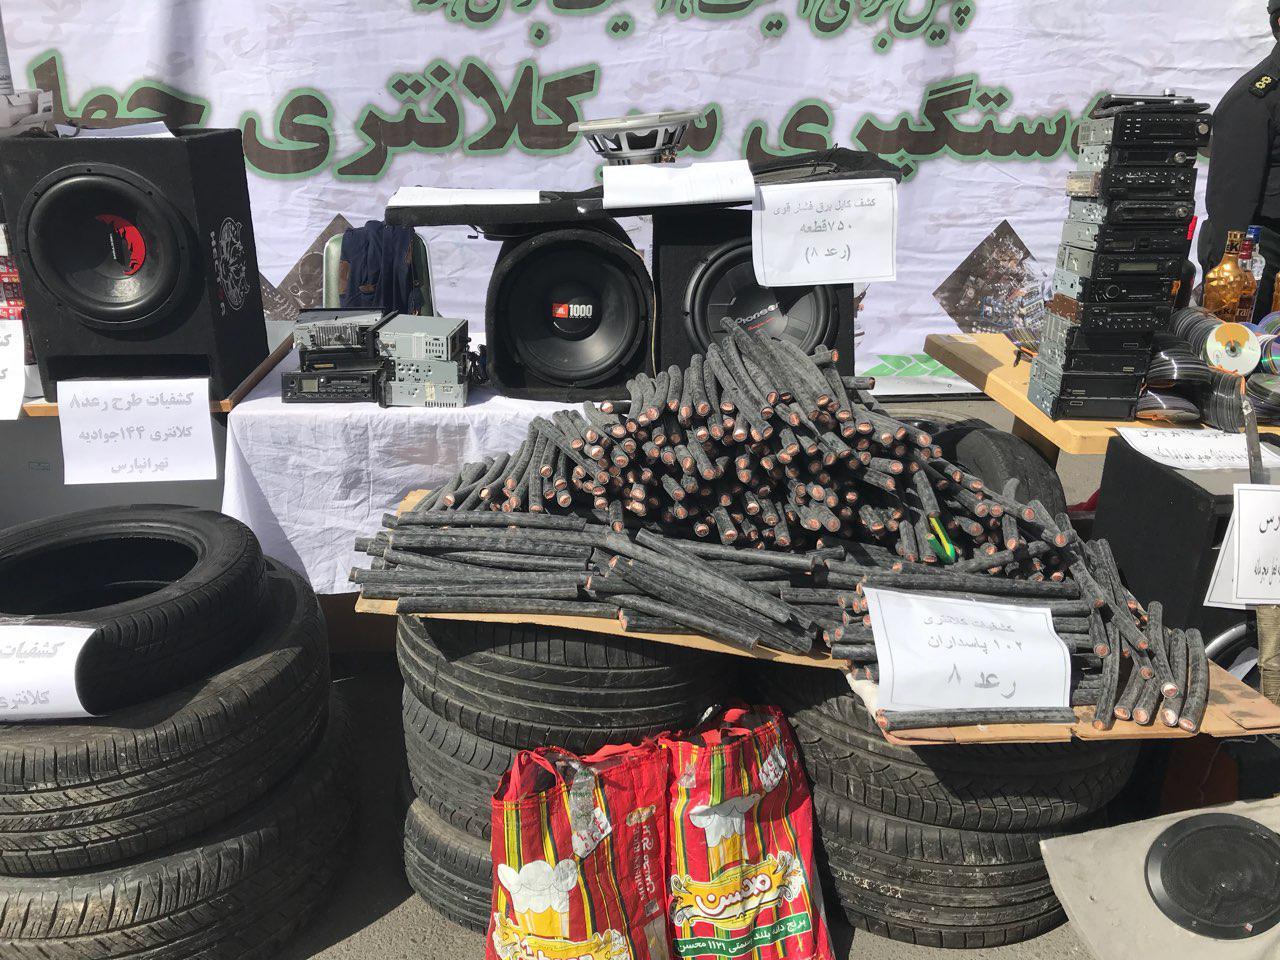 باند بزرگ جعل اسناد و مدارک دولتی و خصوصی متلاشی شد / دستگیری 378 نفردر طرح رعد 8